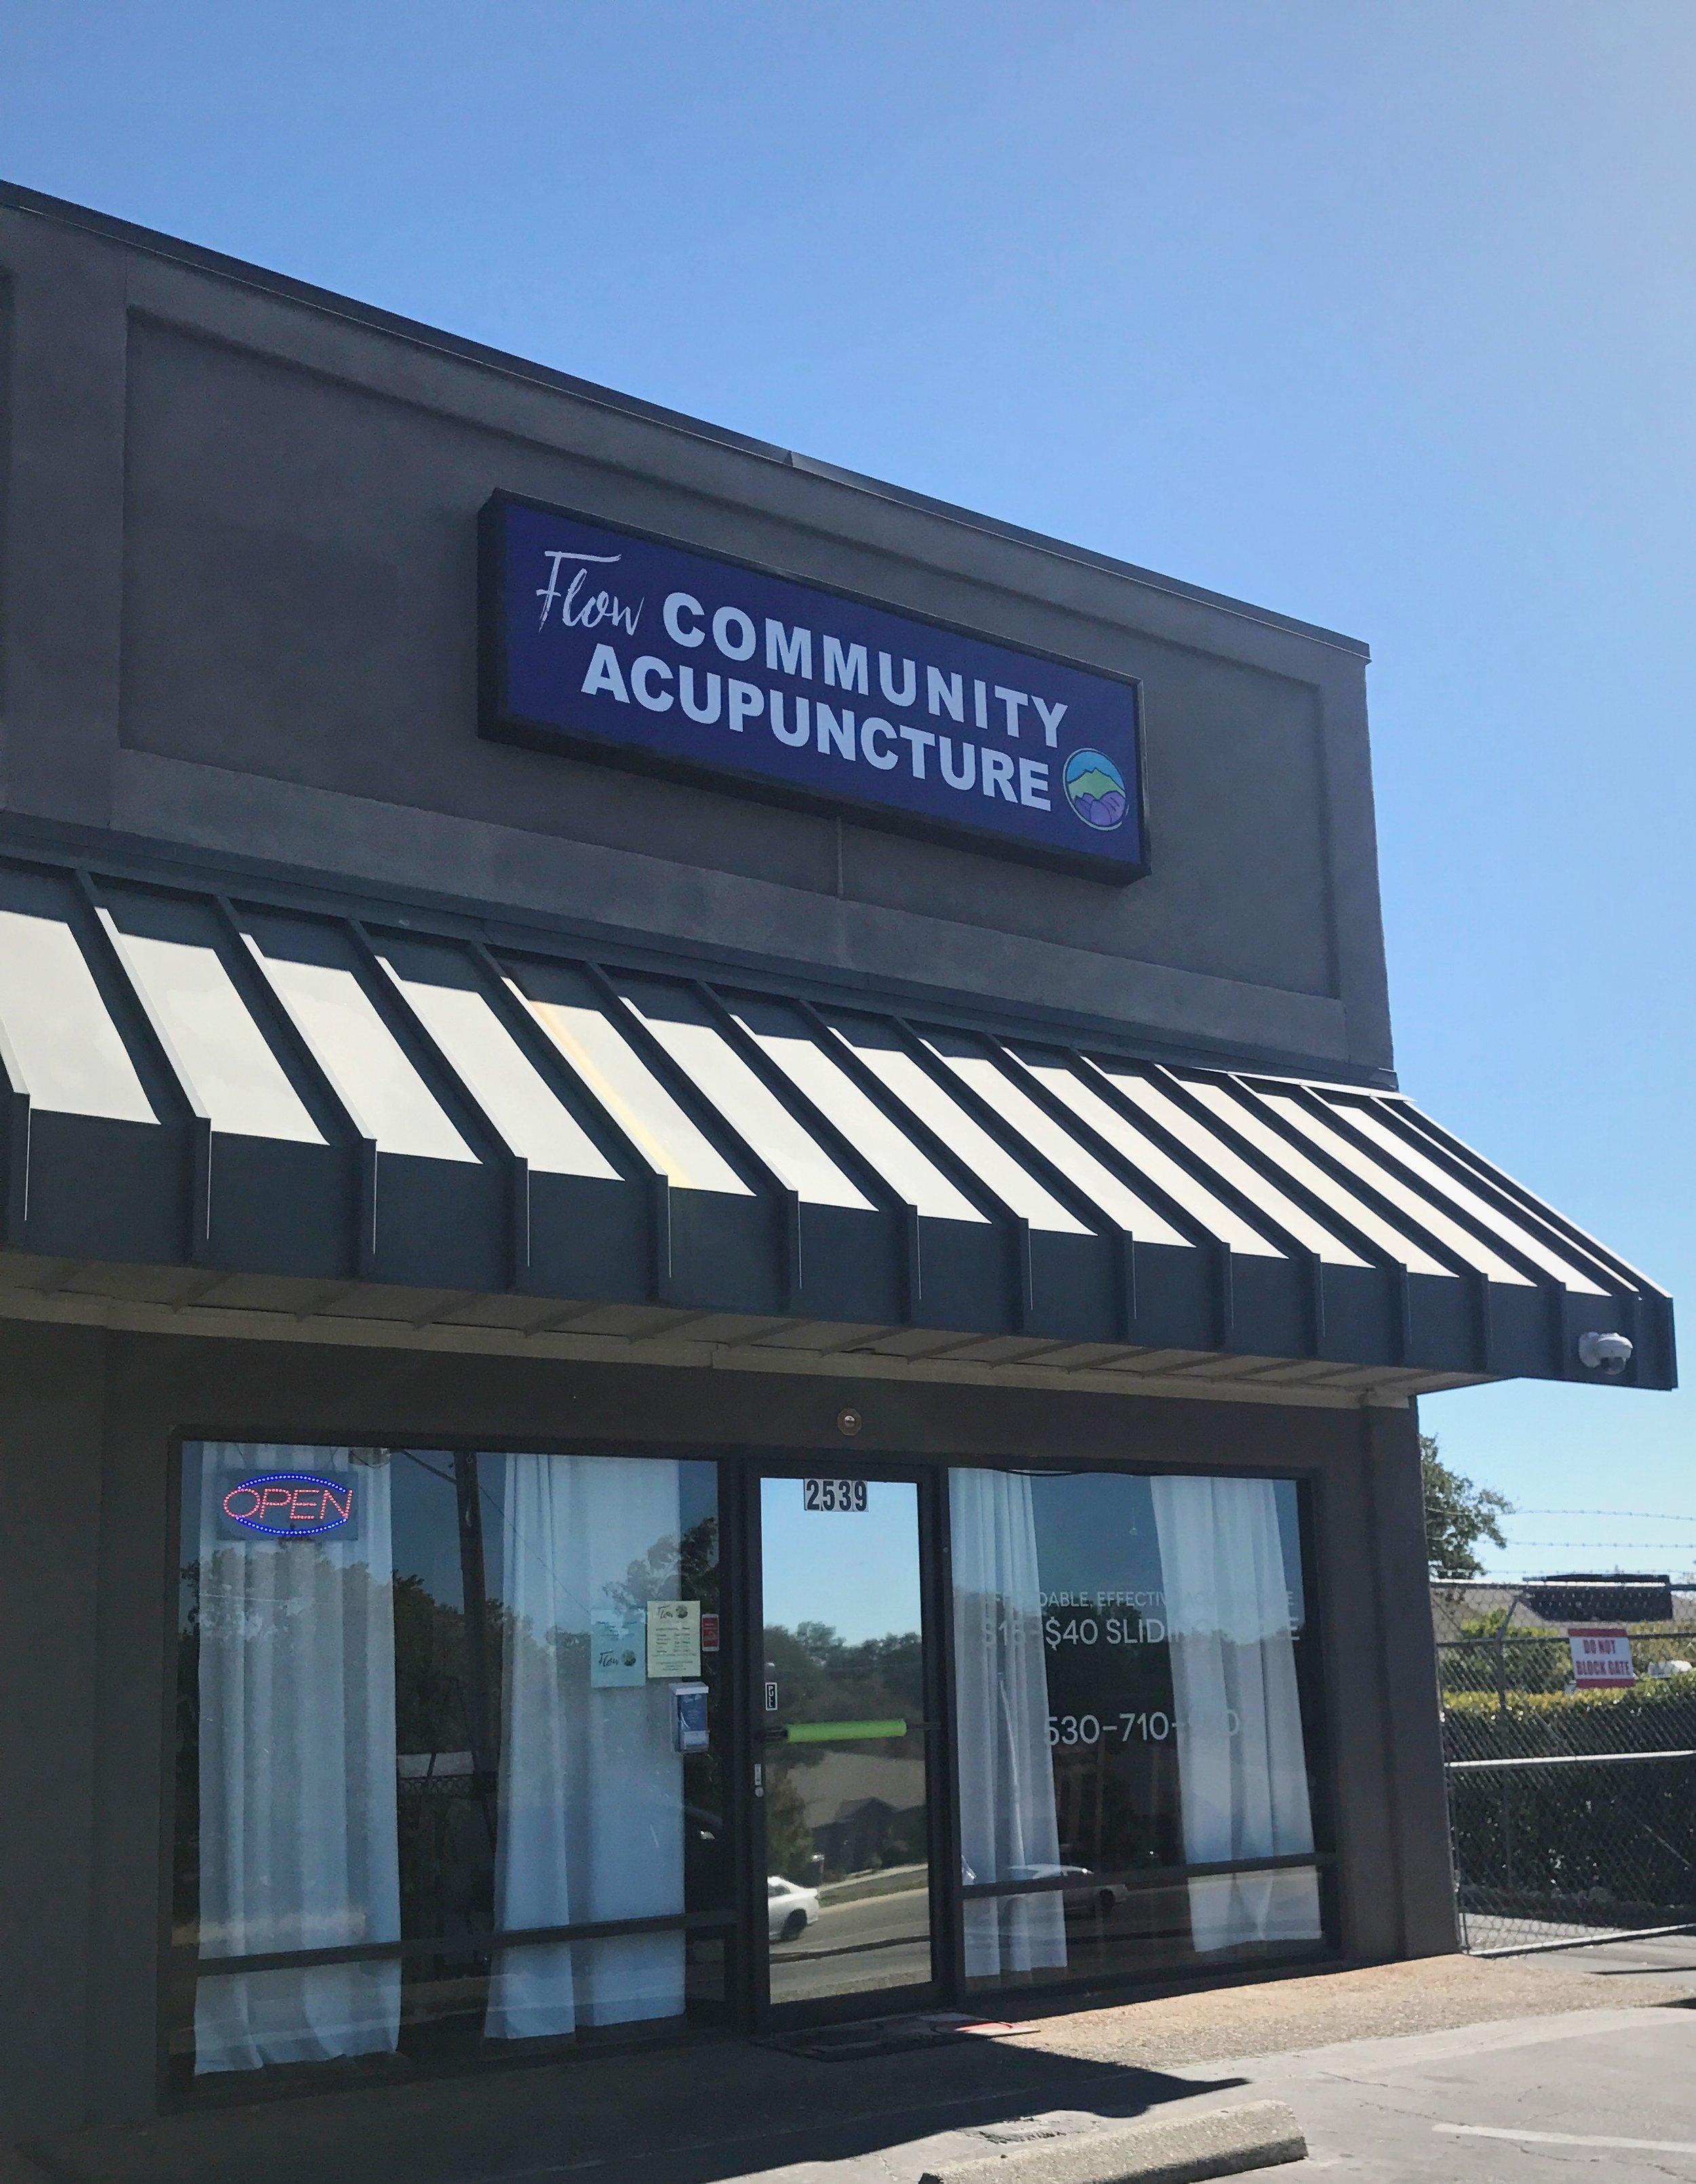 Flow Community Acupuncture exterior